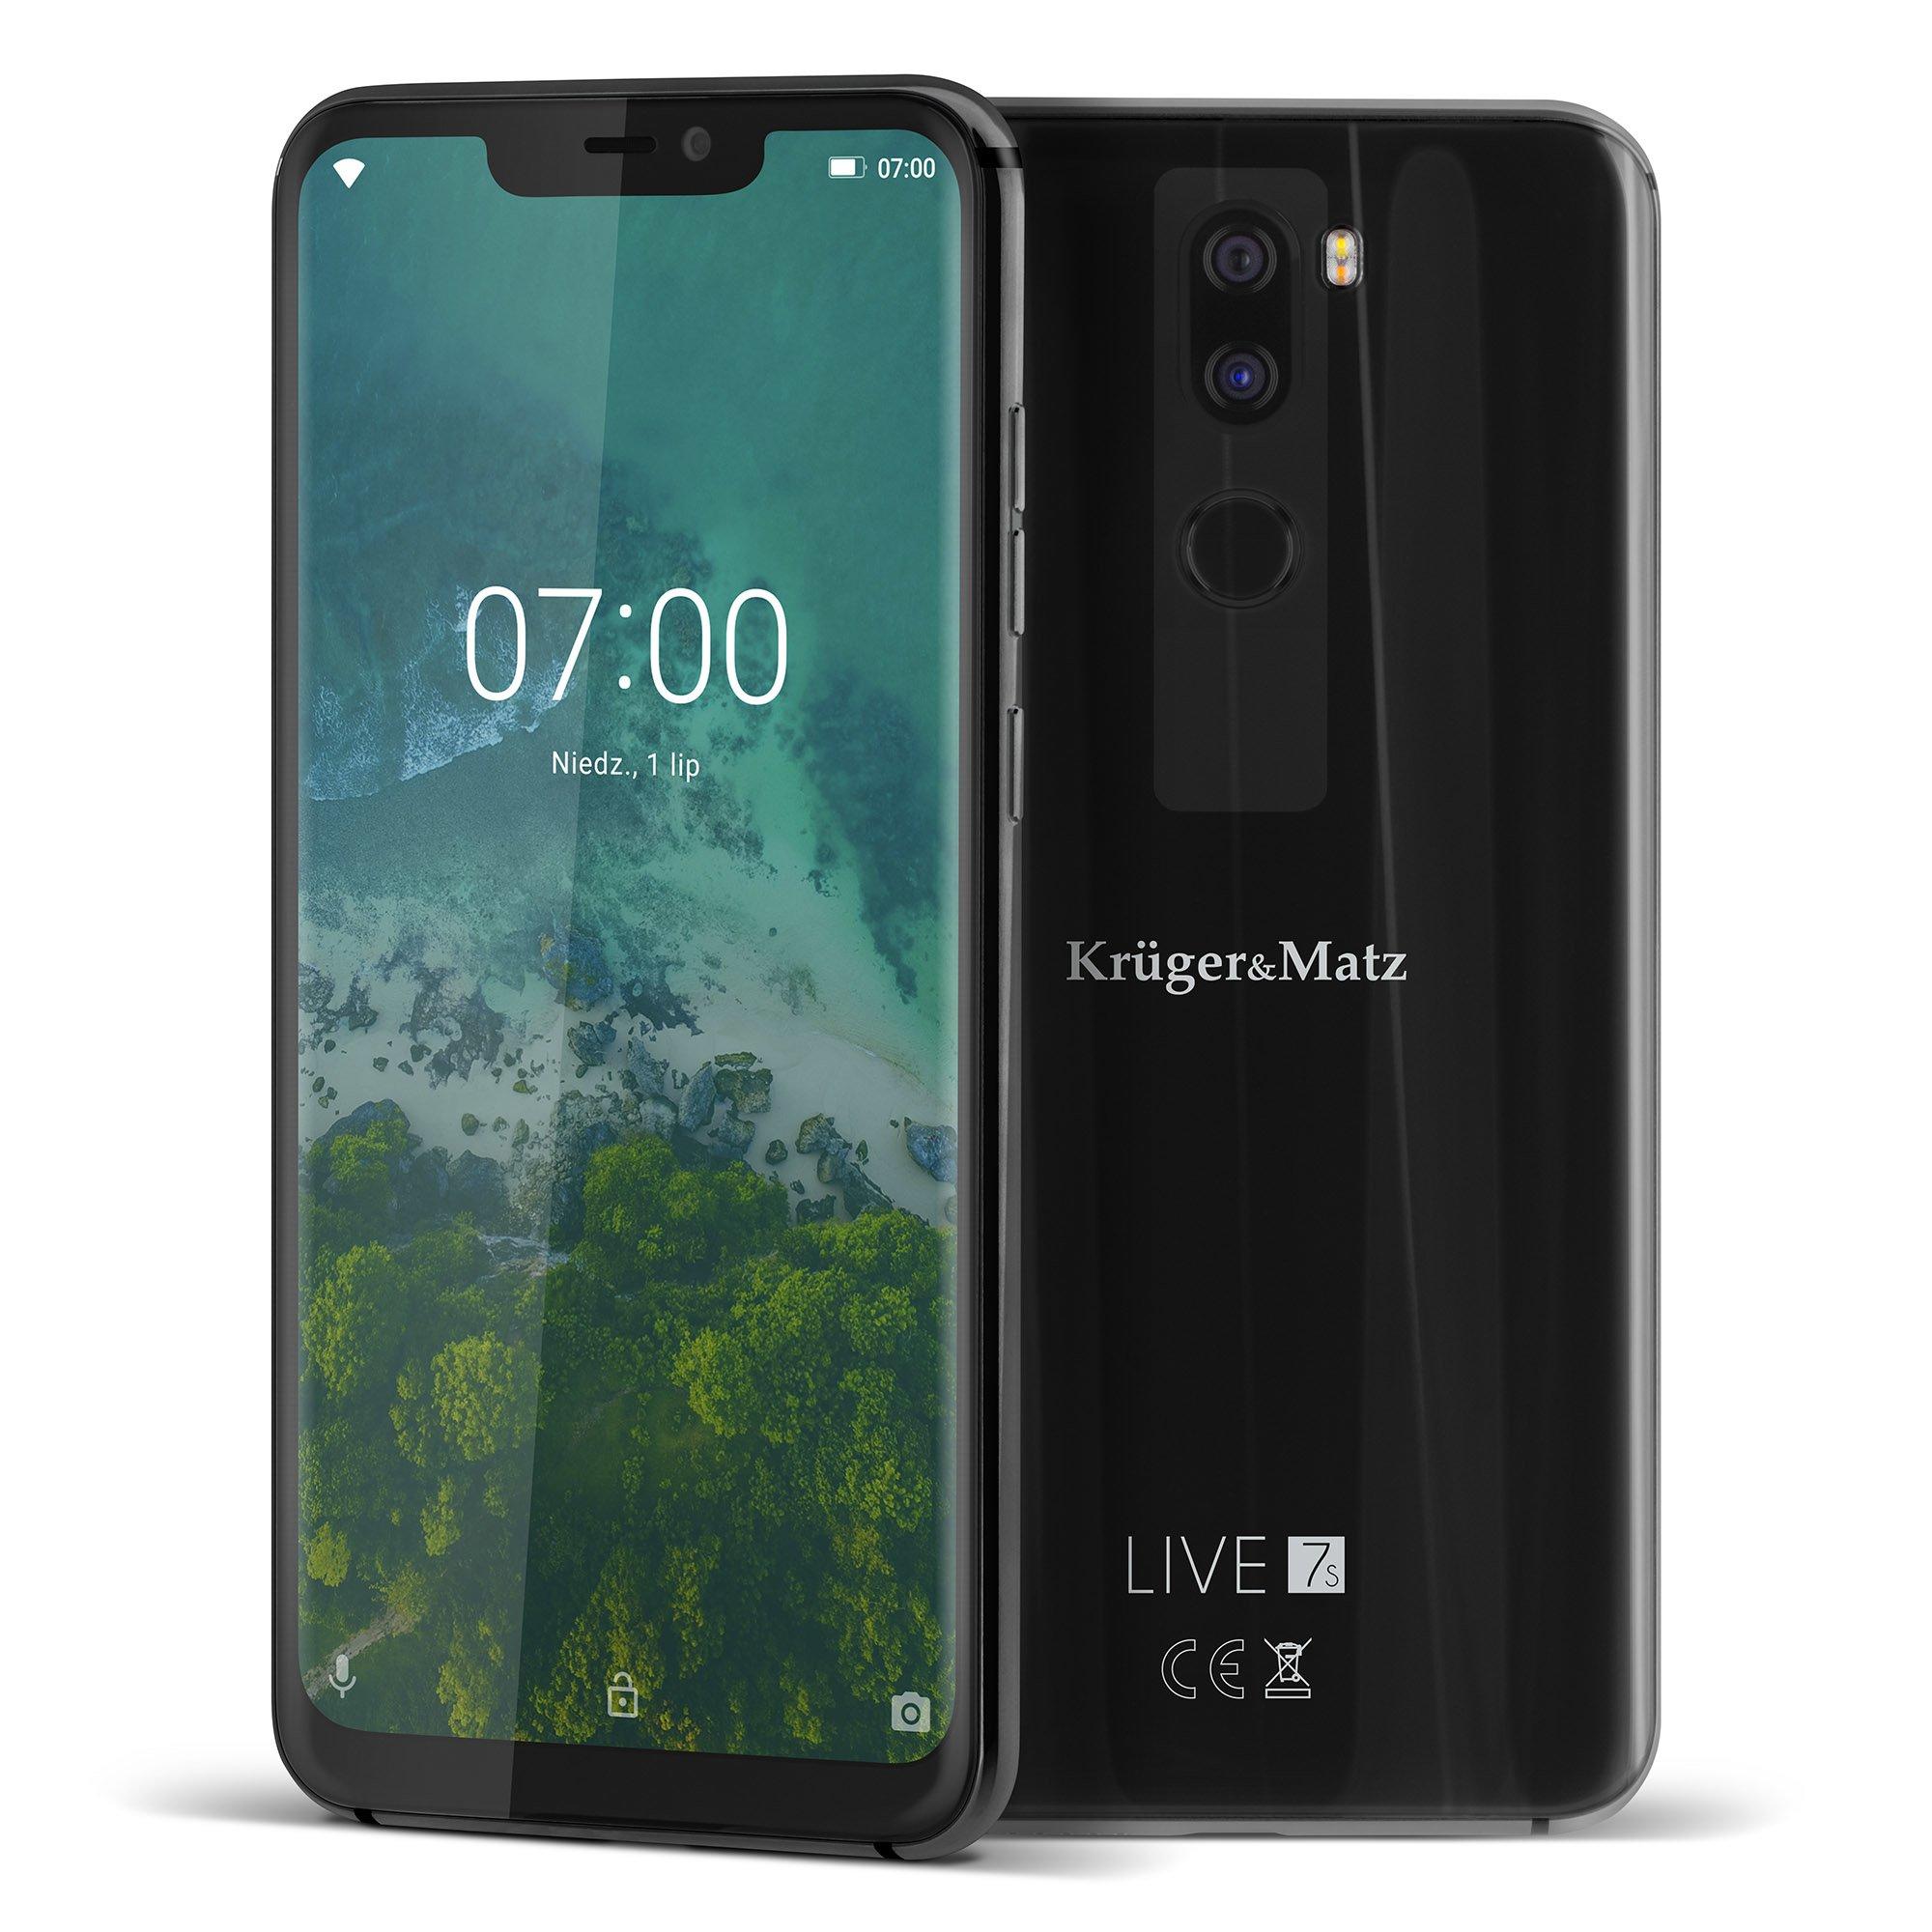 Tabletowo.pl Jaki smartfon do grania w PUBG Mobile warto kupić? - porównanie Gaming Gry Opinie Producenci Smartfony Wybrane Zestawienia